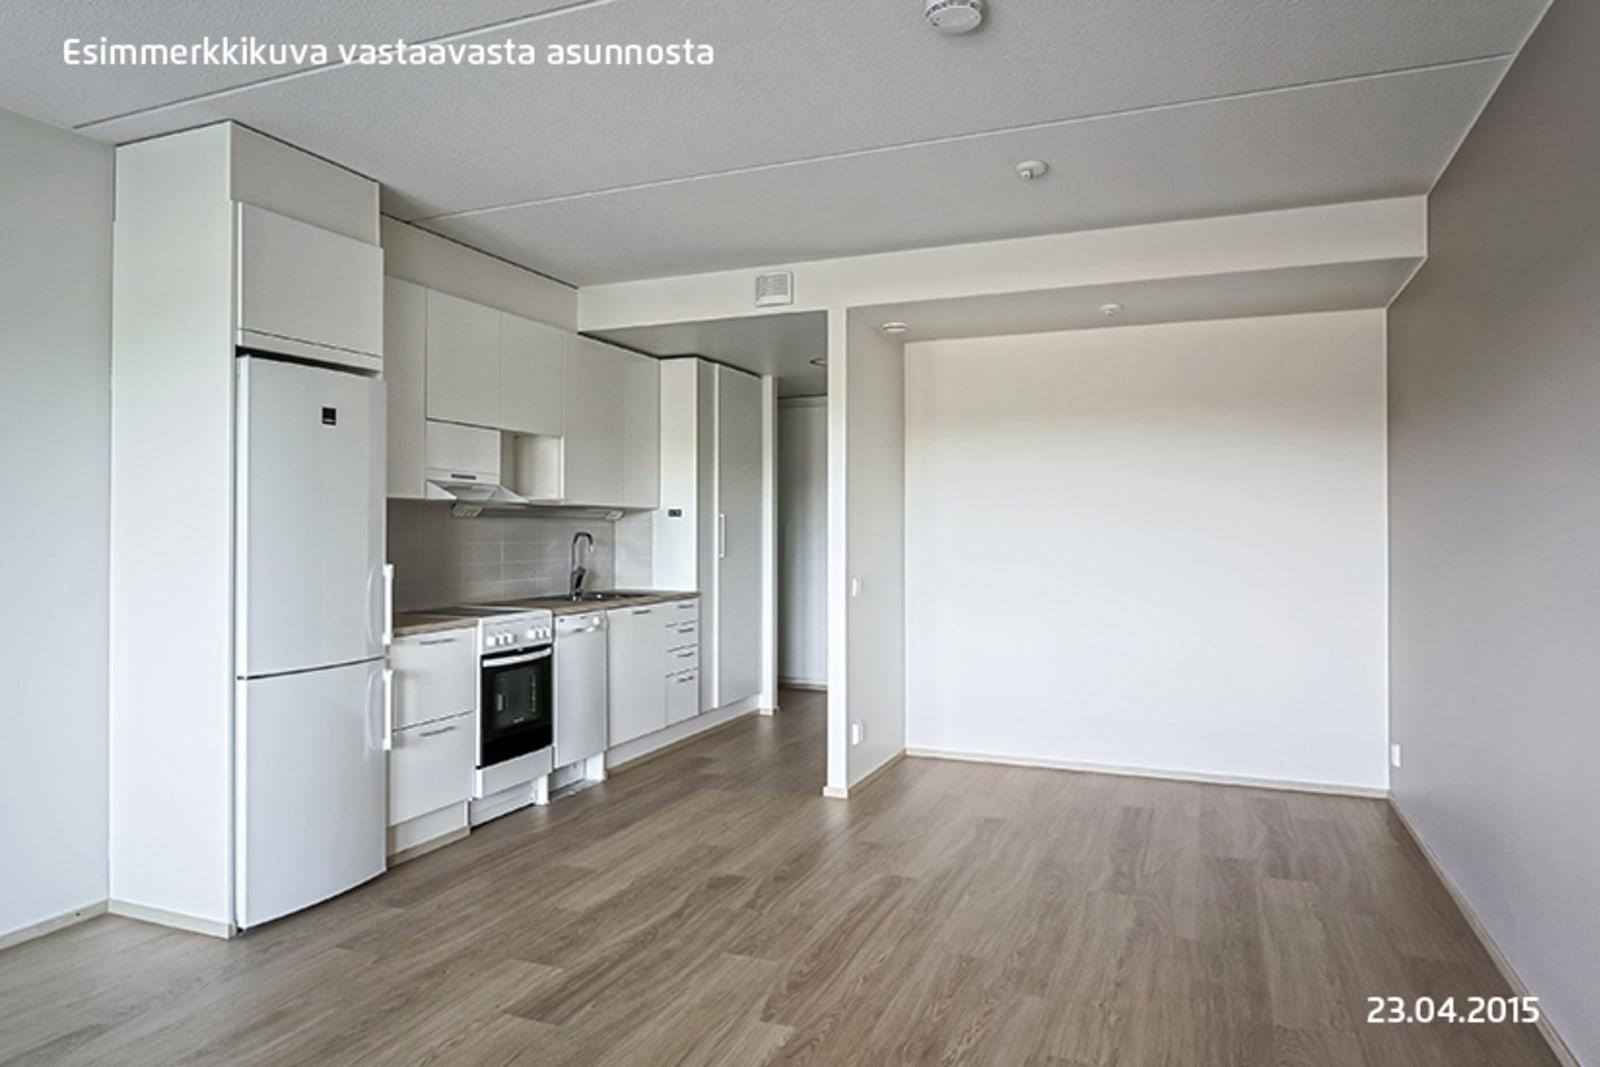 Espoo, Suurpelto, Henttaan Puistokatu 6 A 008